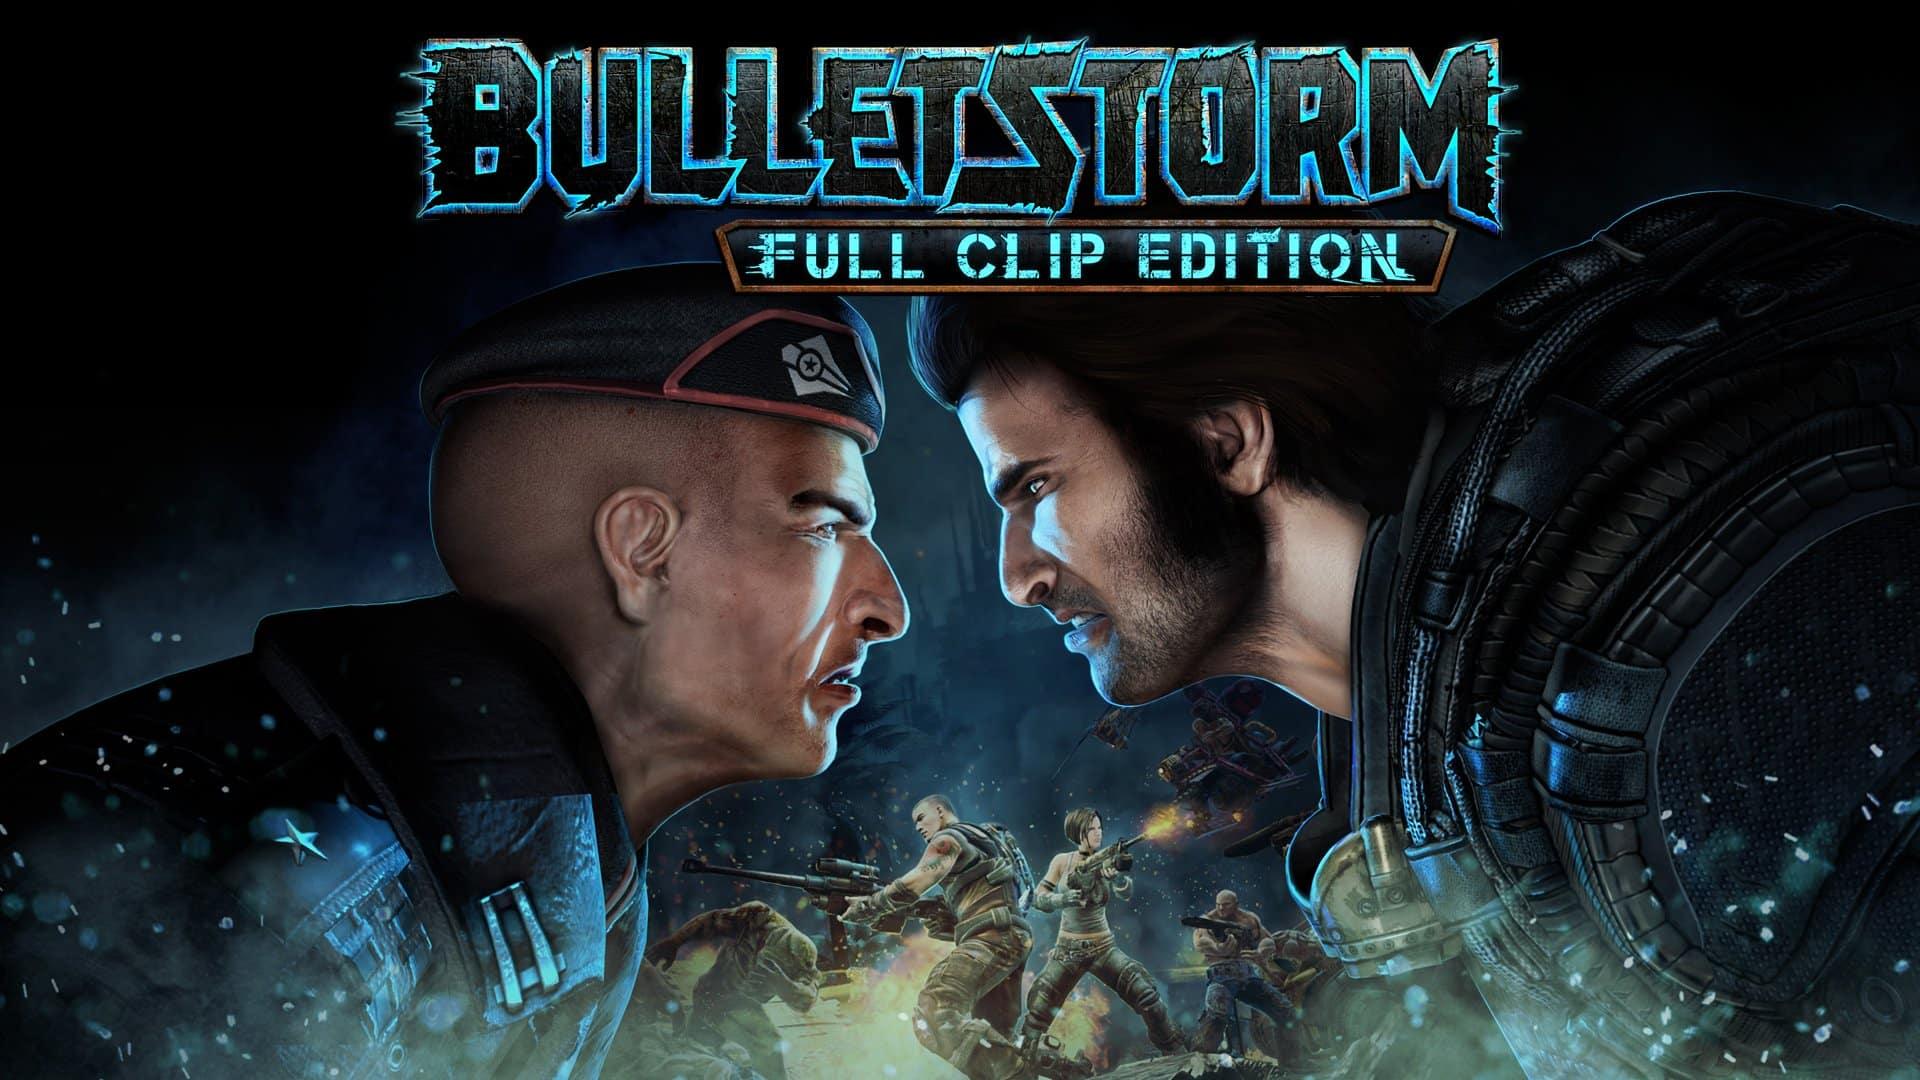 Bulletstorm: Full Clip Edition telecharger gratuit de PC et Torrent